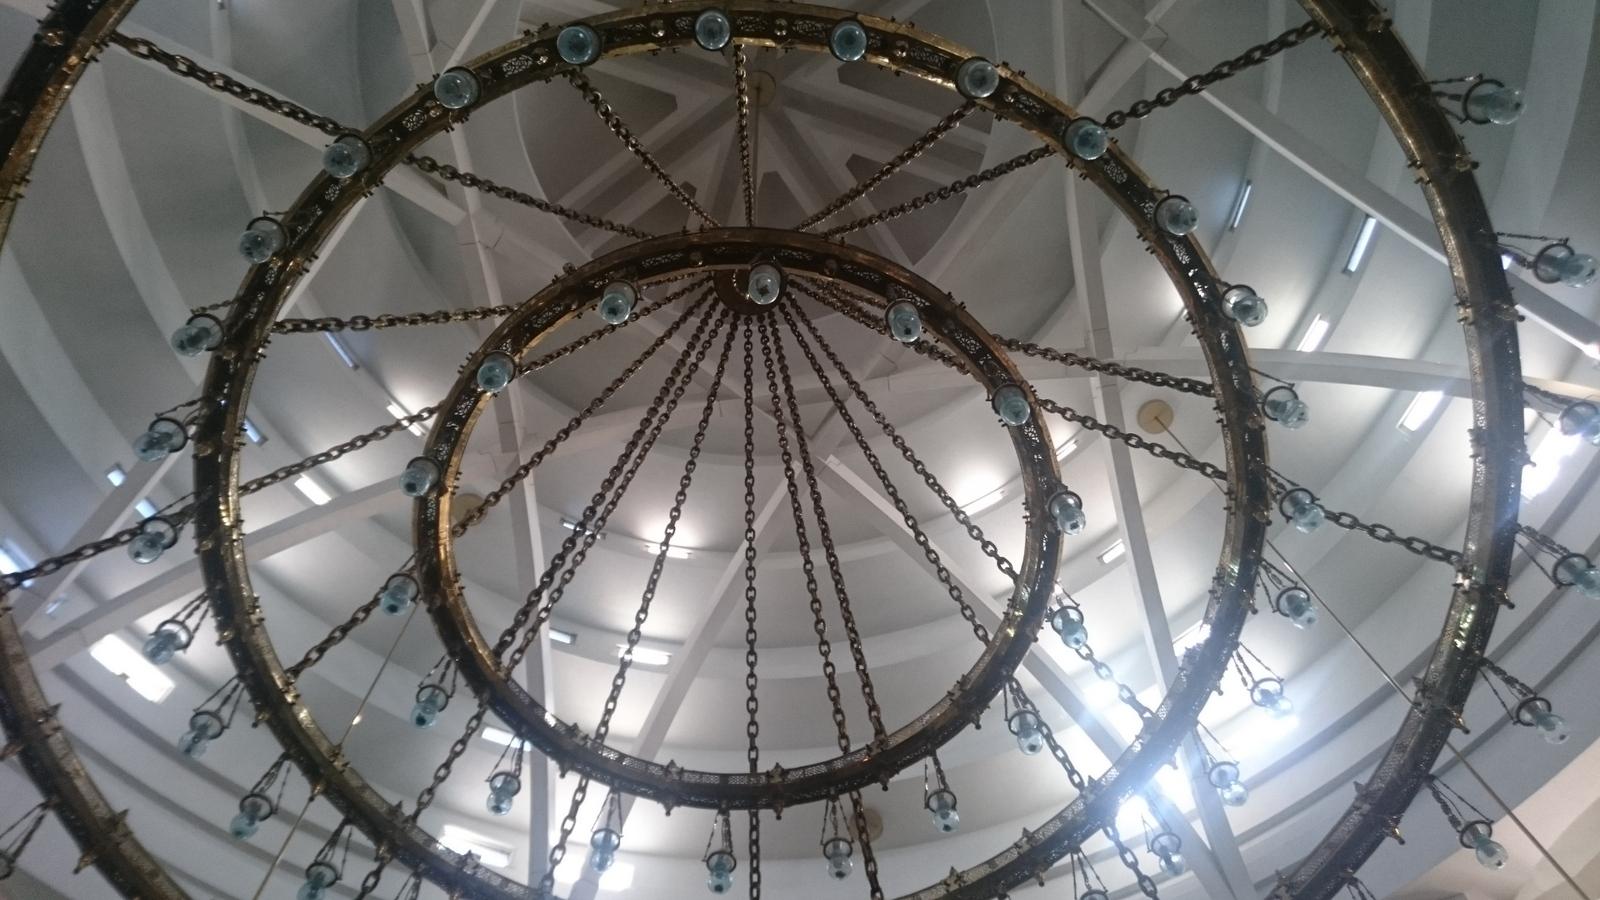 die mit Tageslicht durchflutete Kuppel der Großen Moschee